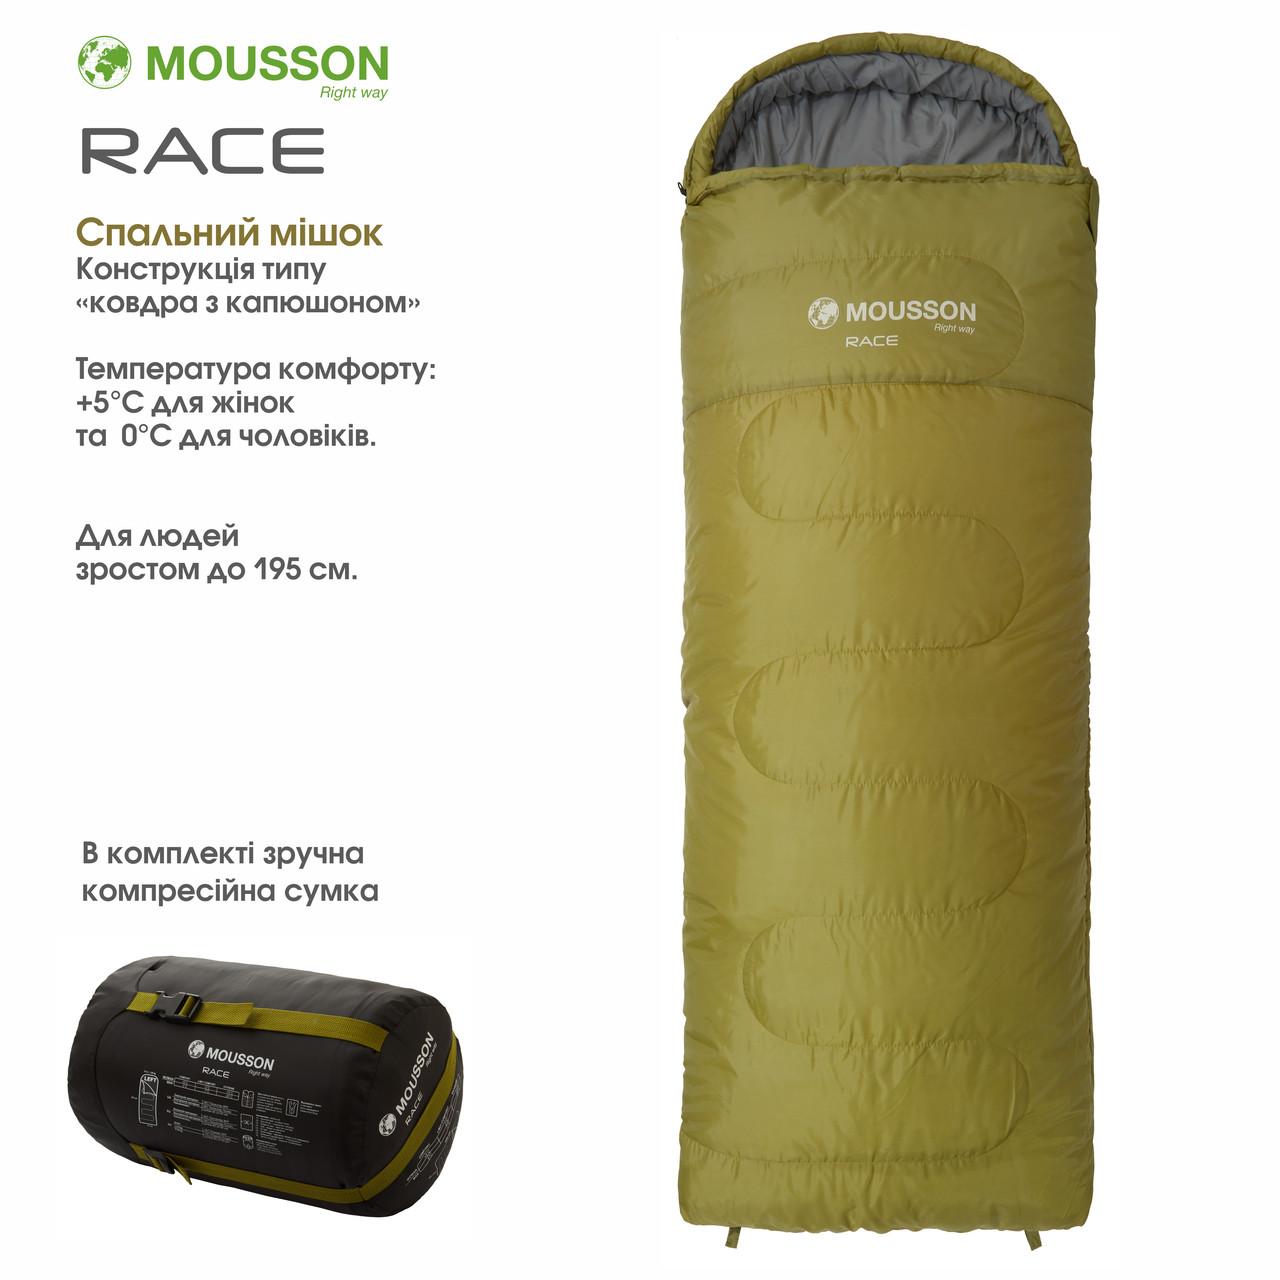 Спальний мішок MOUSSON RACE R OLIVE